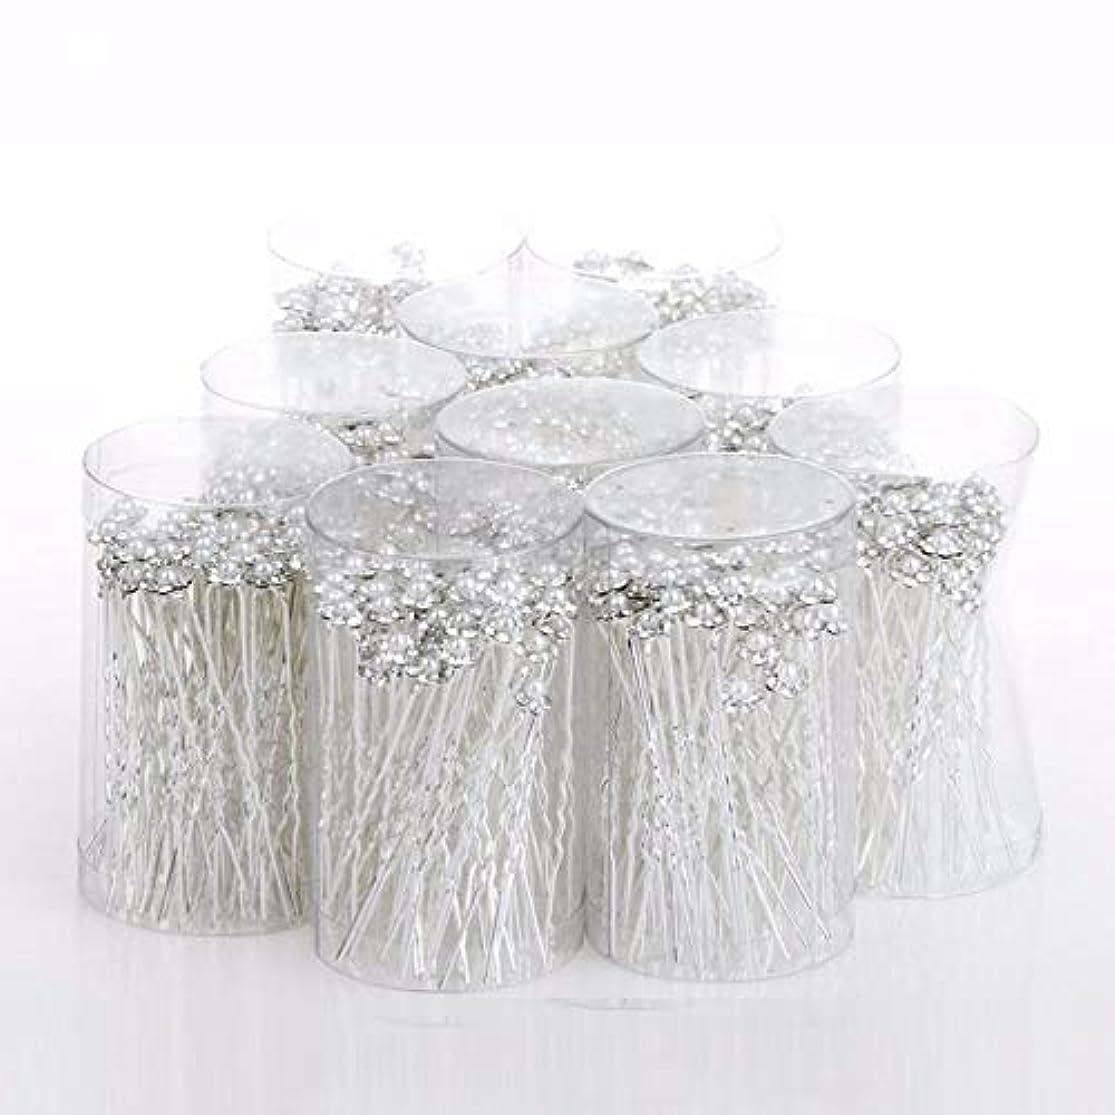 繰り返した準備したご近所Hairpinheair YHM 40ピース女性結婚式のヘアピンジュエリーアクセサリー模擬パールフラワーブライダルヘアピンウエディングヘアクリップアンティークシルバーメッキ(ホワイト) (色 : 白)